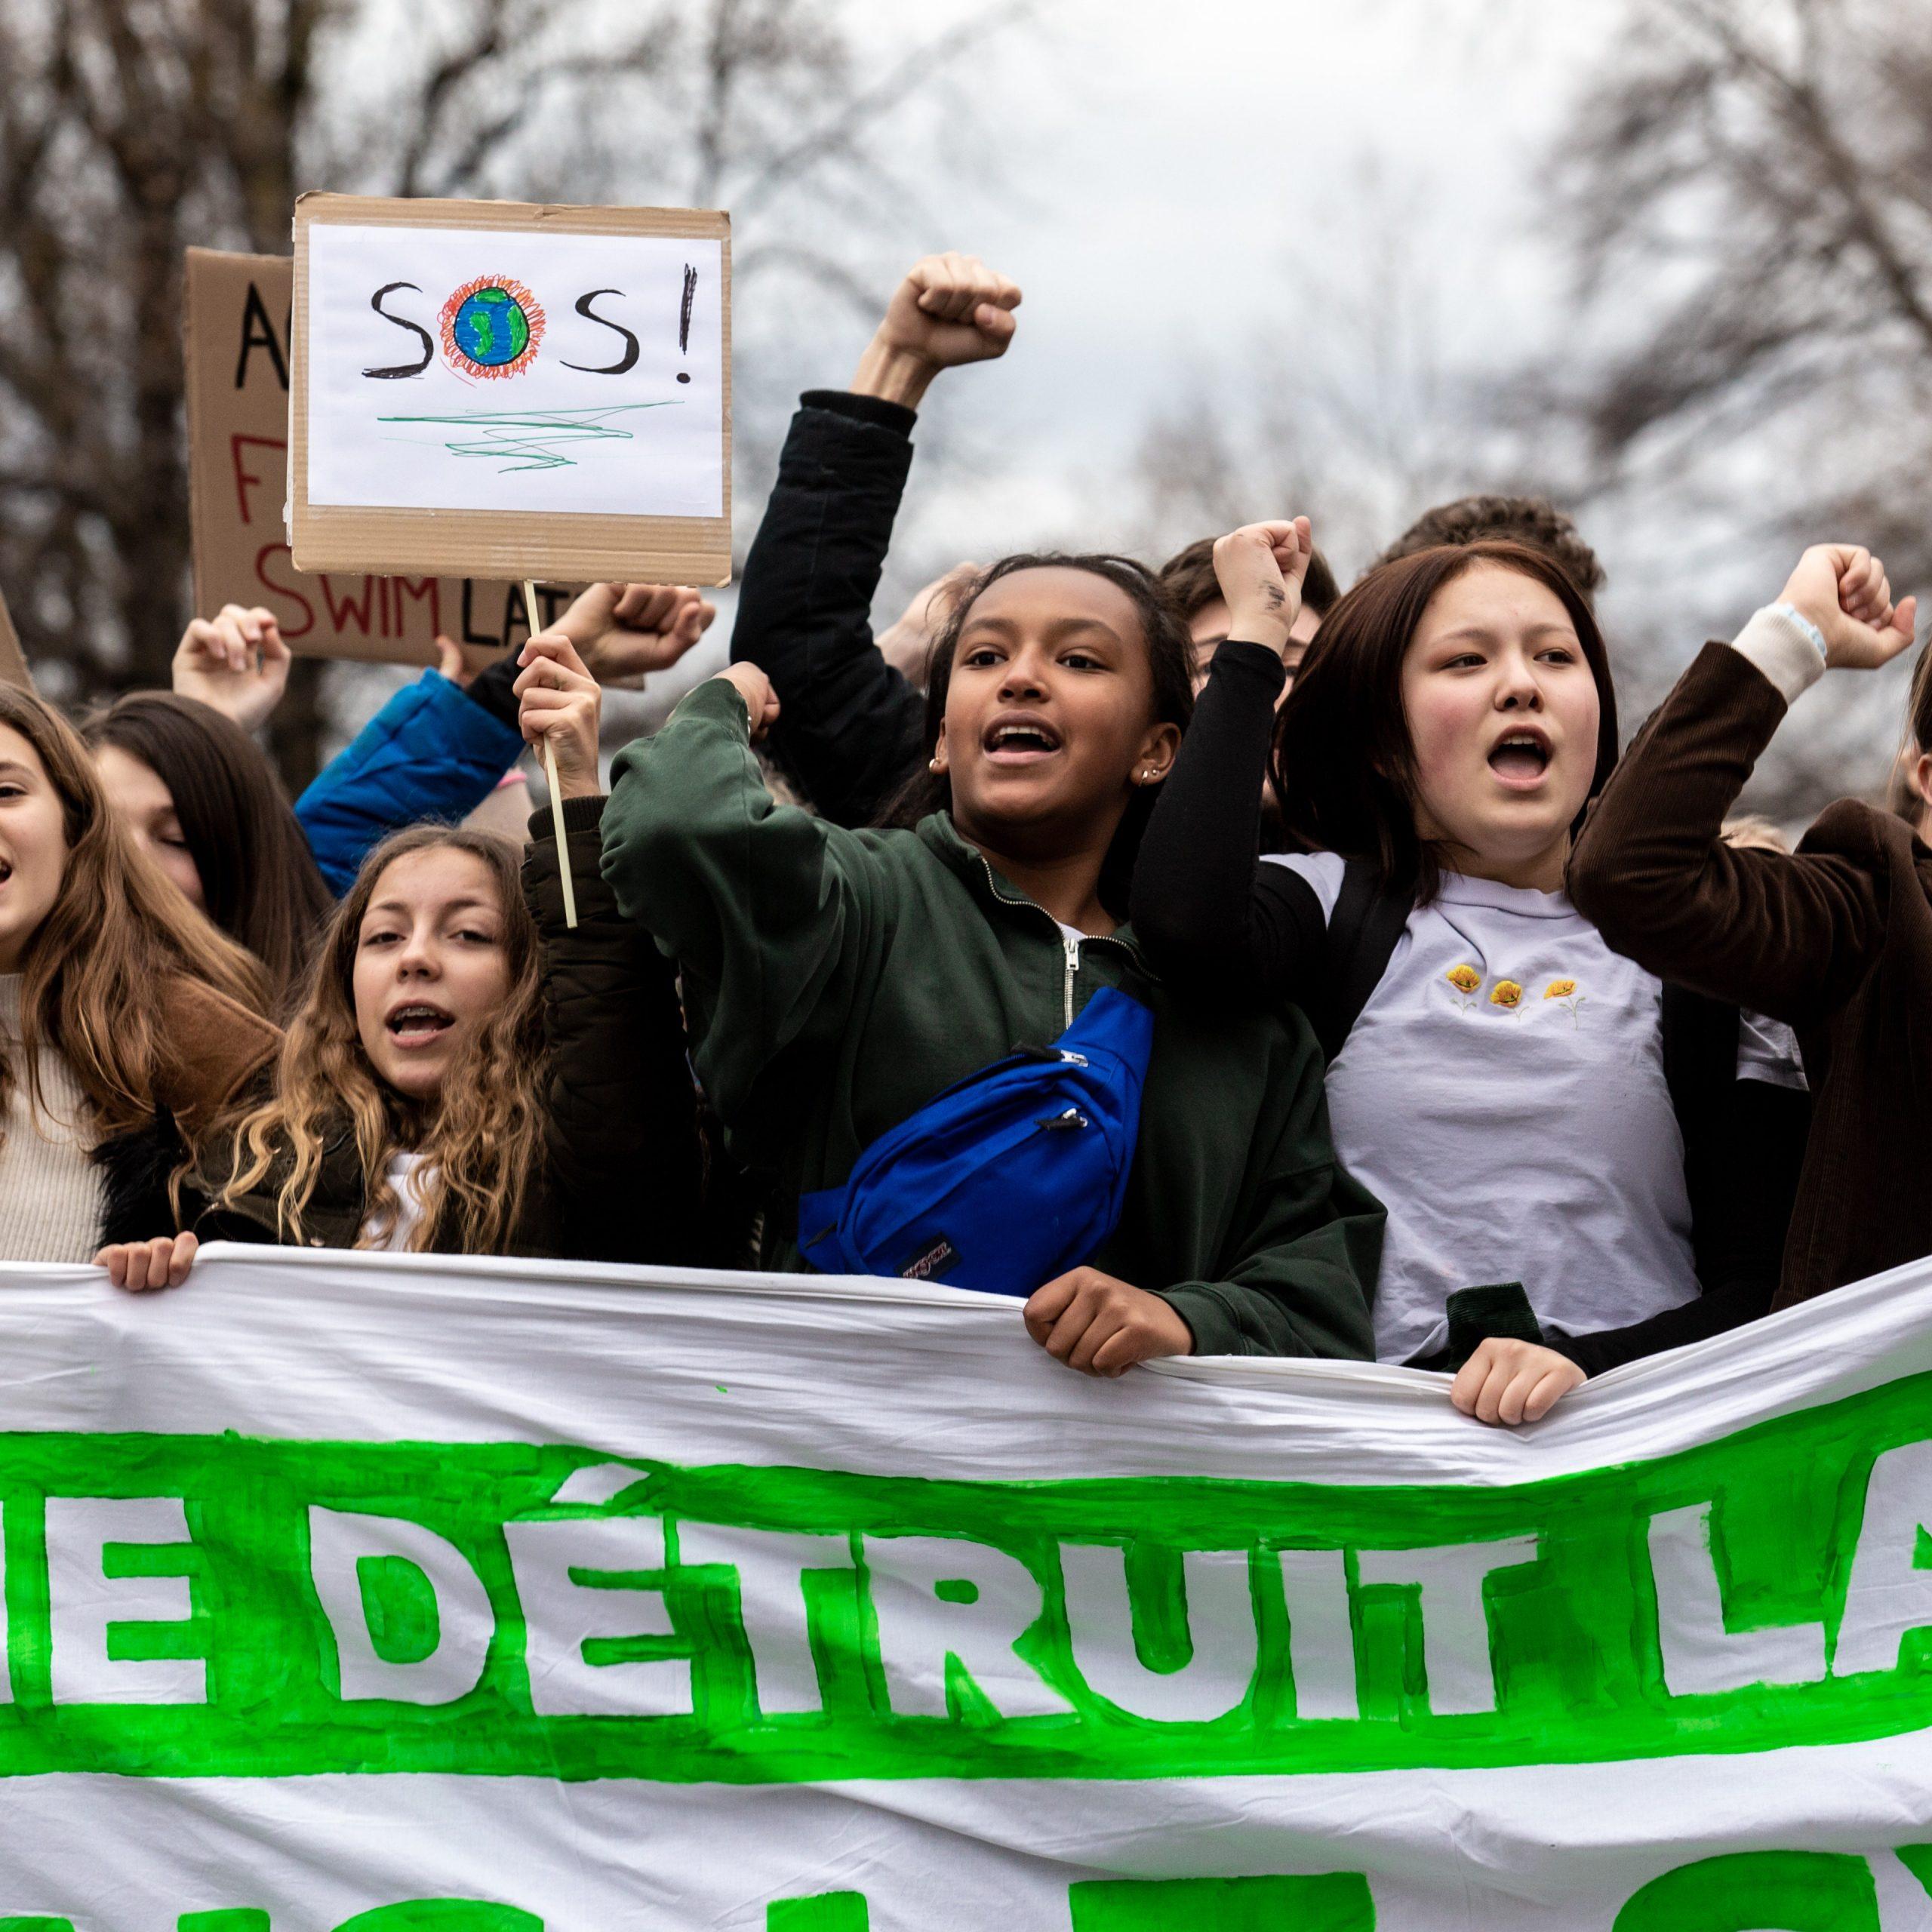 As mulheres são cruciais para enfrentar a crise climática - aqui está o porquê